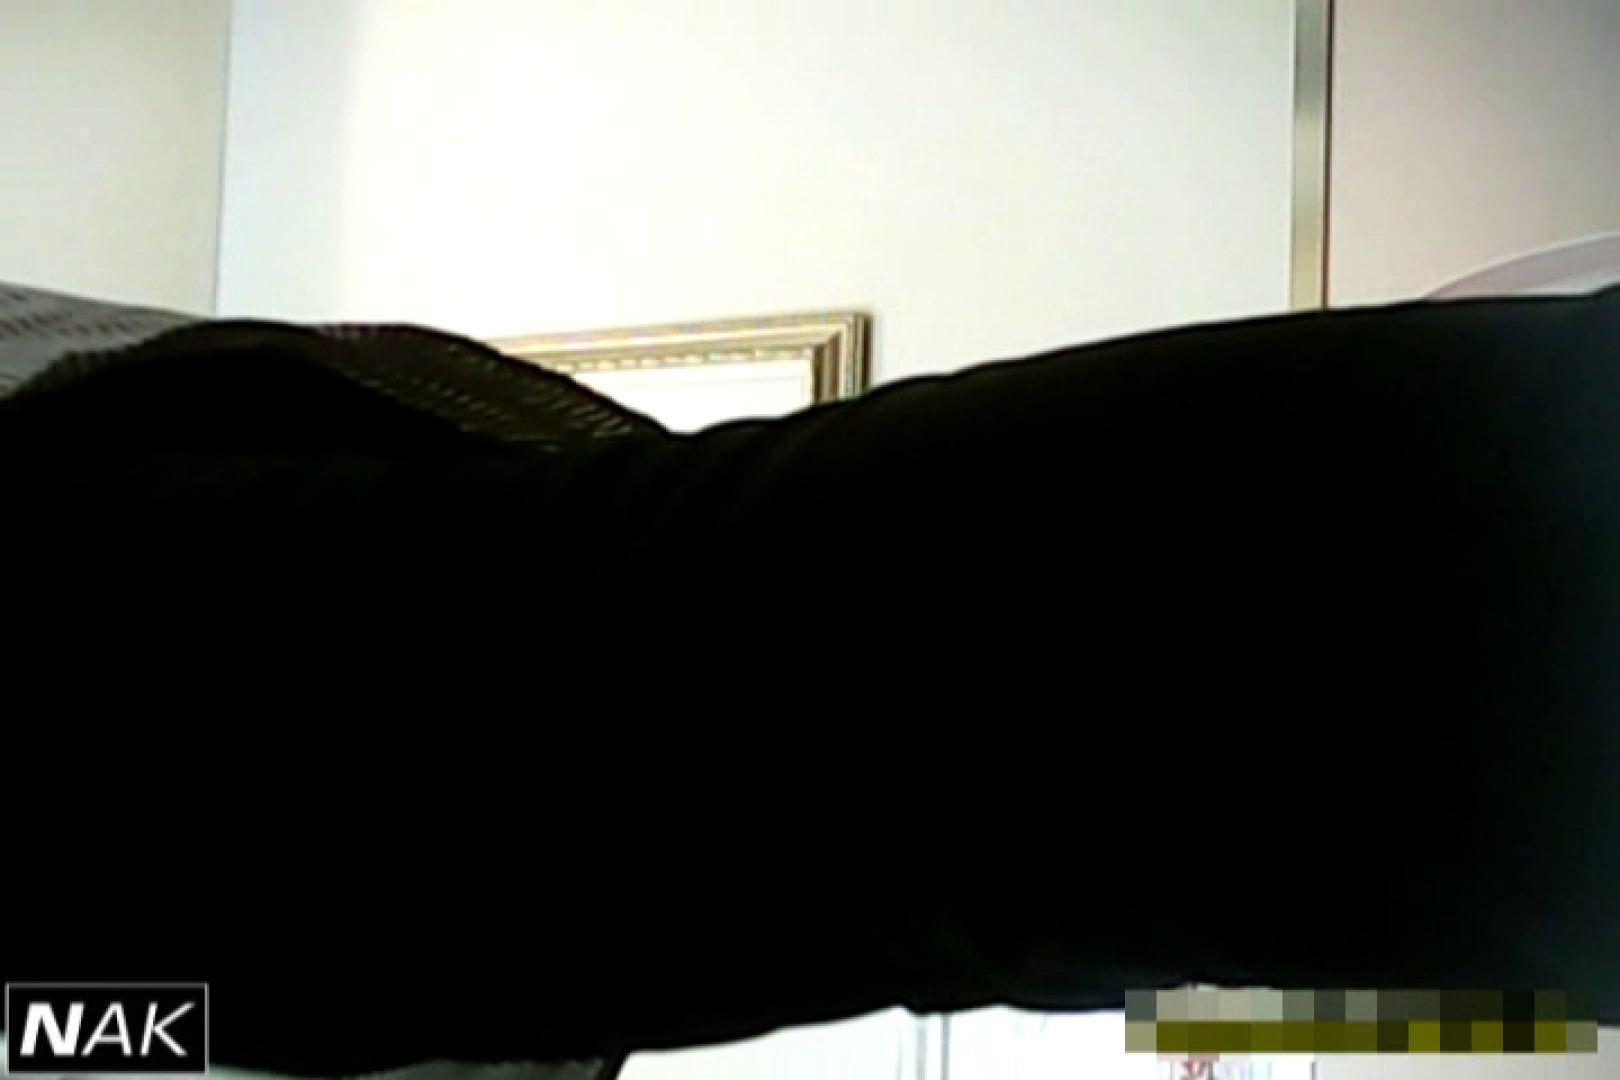 超高画質5000K!脅威の2点かわや! vol.01 高画質 覗きオメコ動画キャプチャ 57画像 53